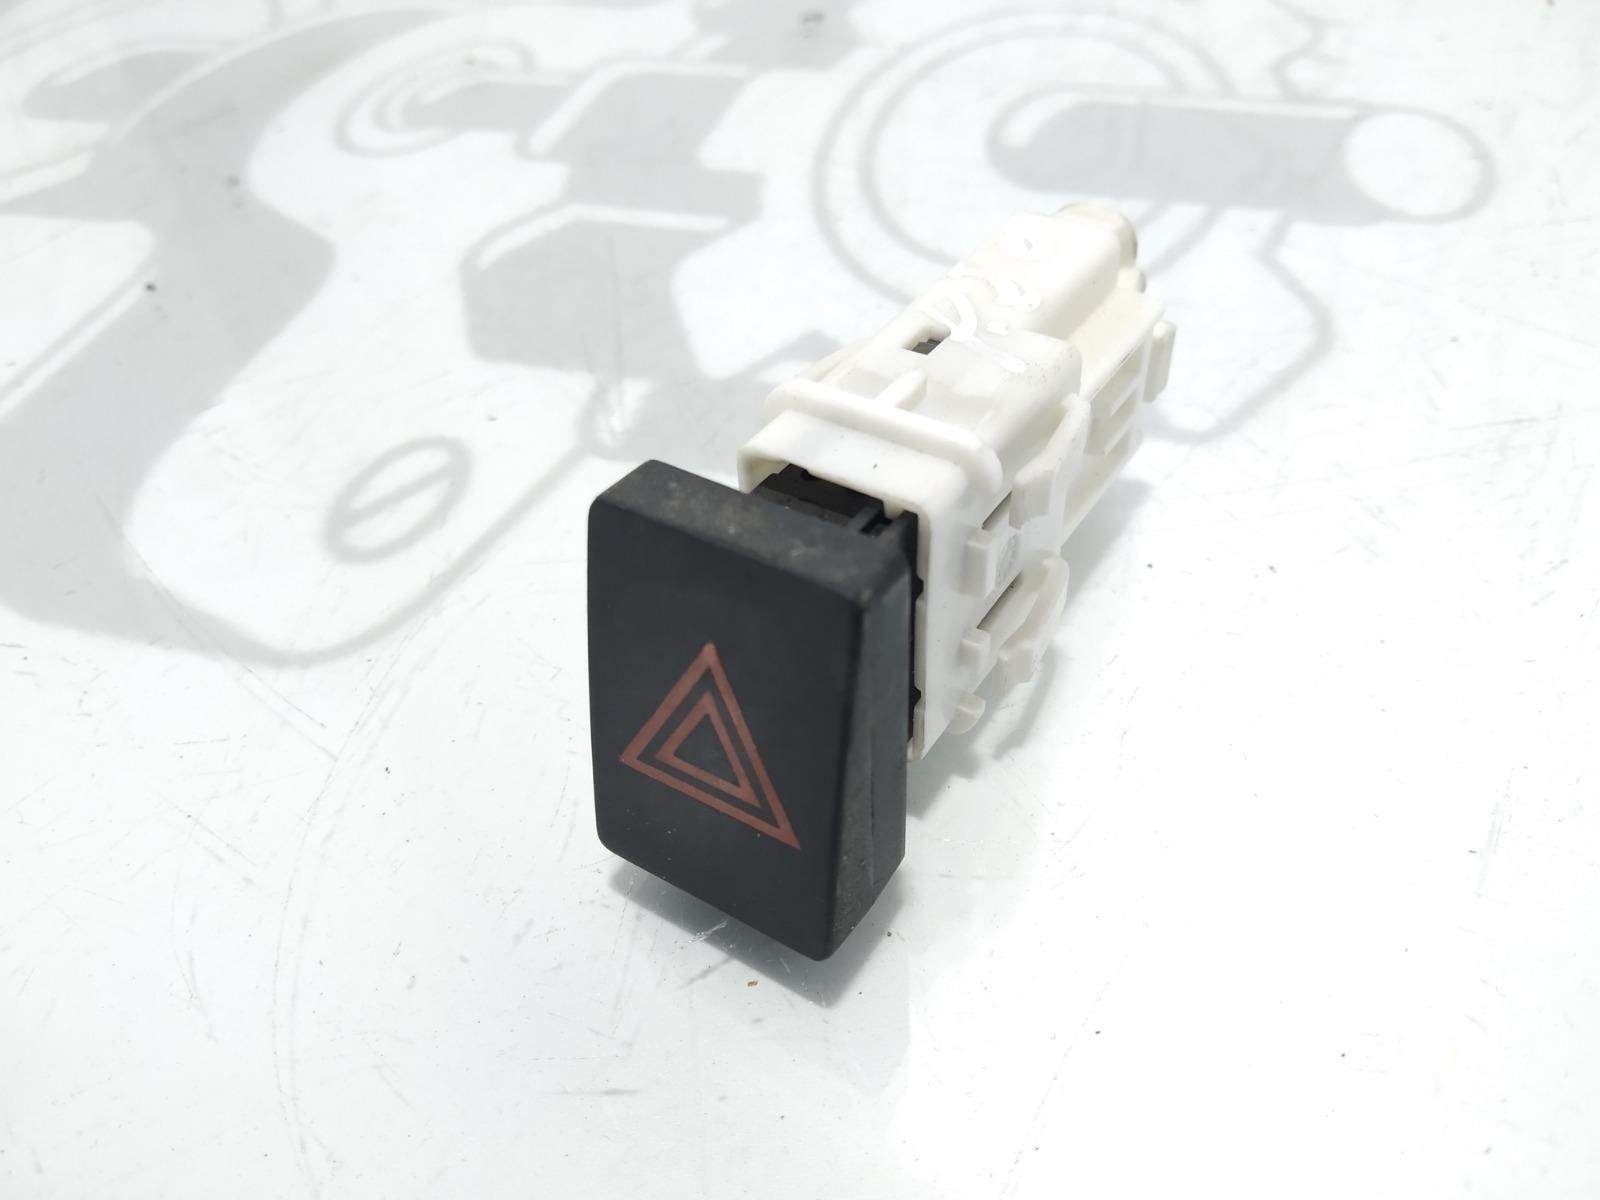 Кнопка аварийной сигнализации Nissan Qashqai 2.0 DCI 2008 (б/у)